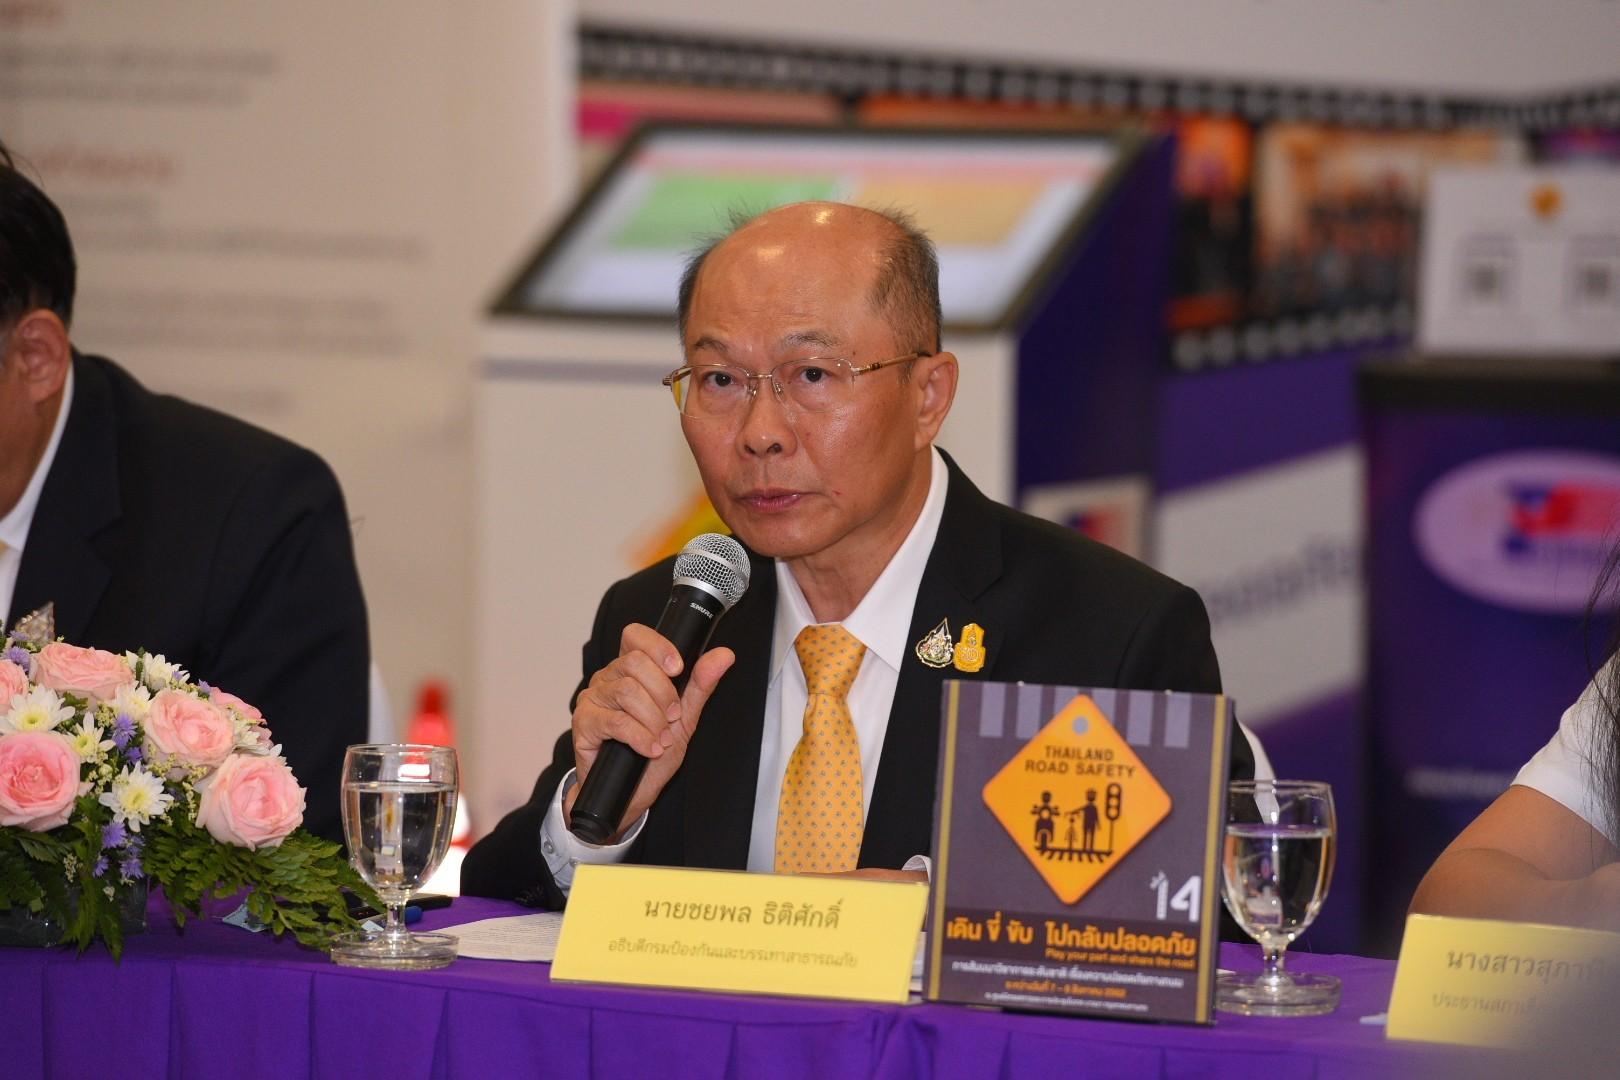 ผนึกกำลังจัดสัมมนาความปลอดภัยทางถนน ครั้งที่ 14 thaihealth